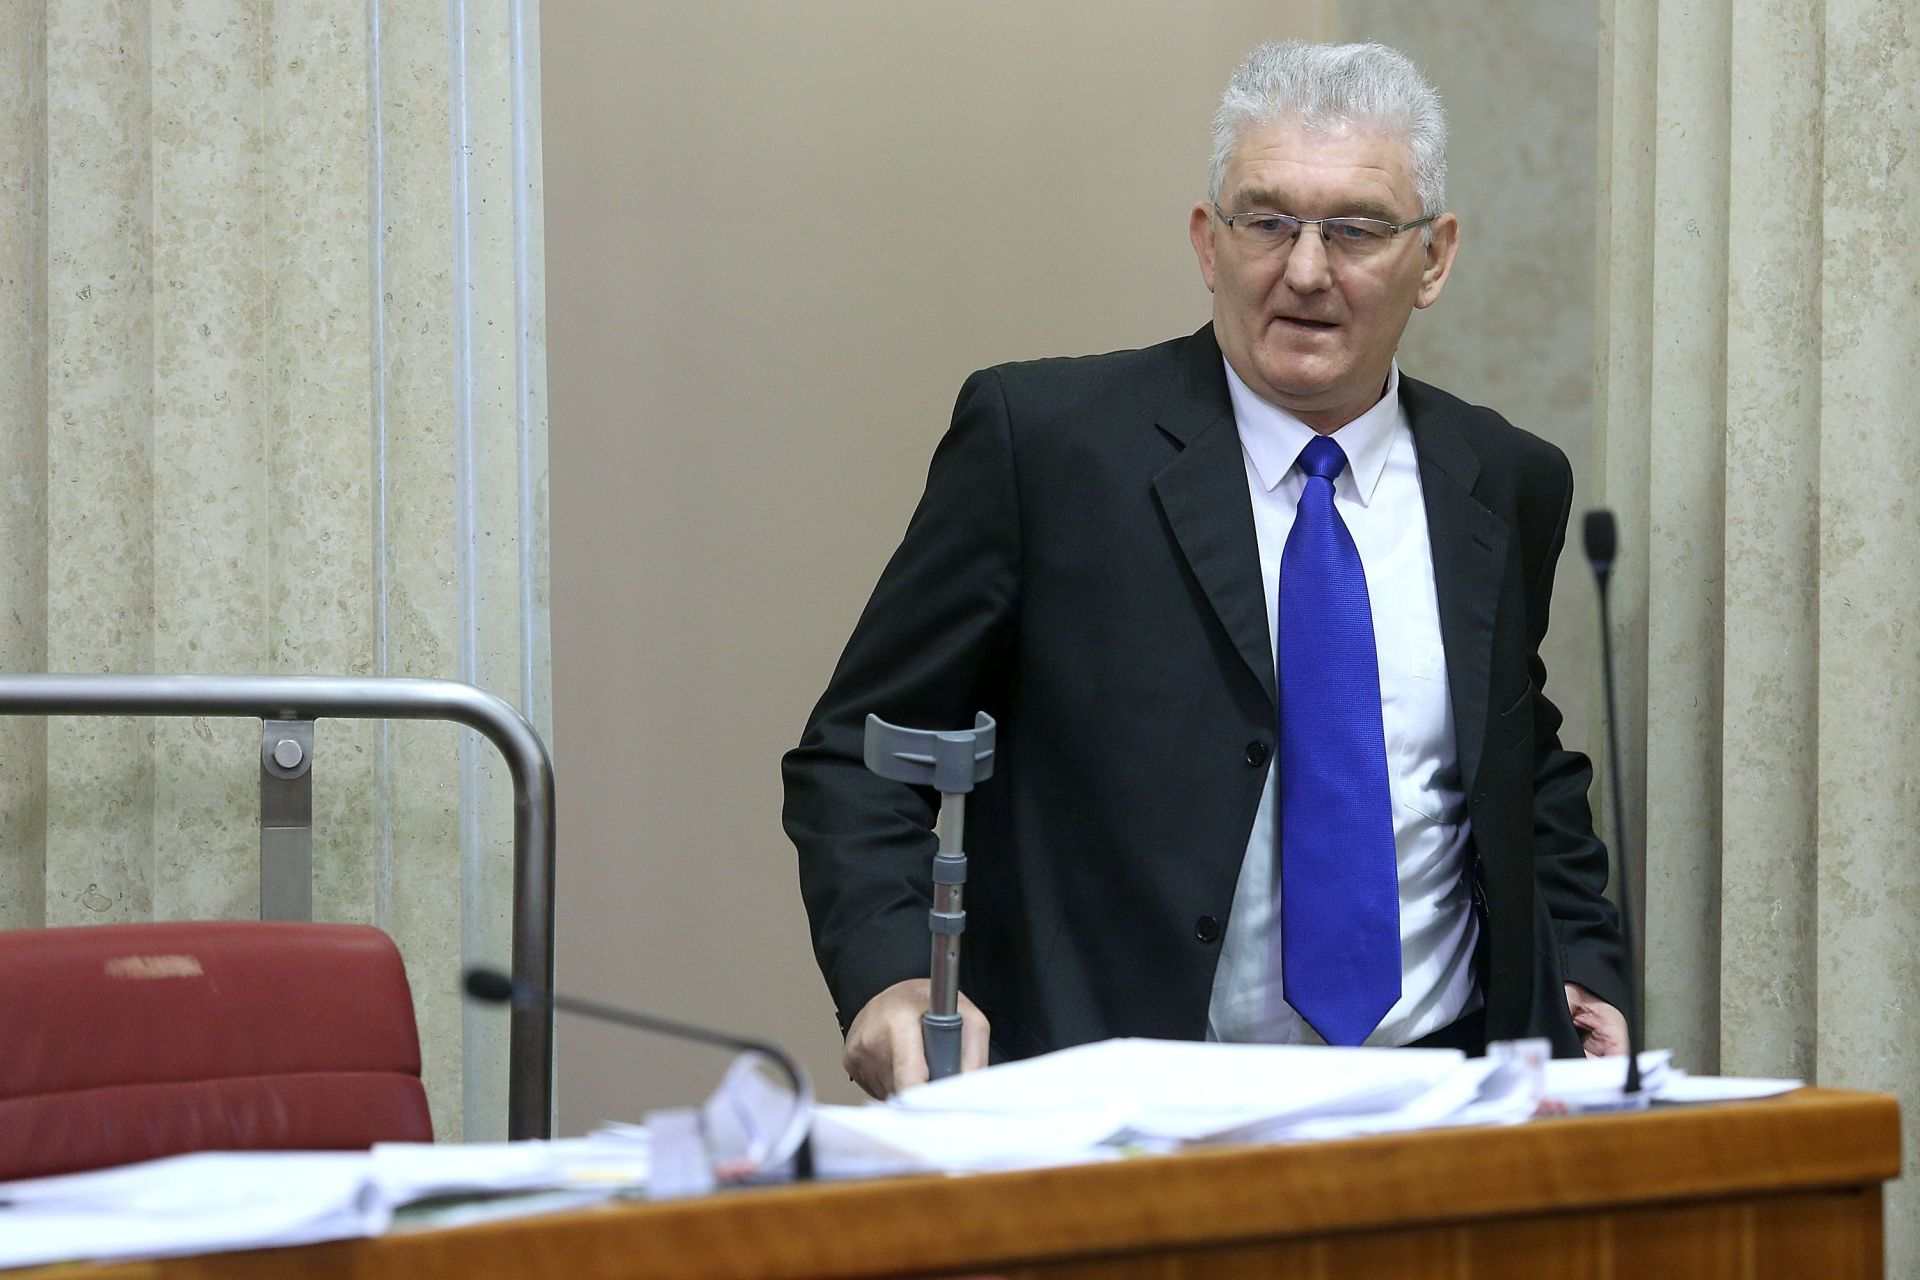 ŠPIKA PREŠAO BANDIĆU: 'Posložena je nova parlamentarna većina, Orešković nema legitimitet'